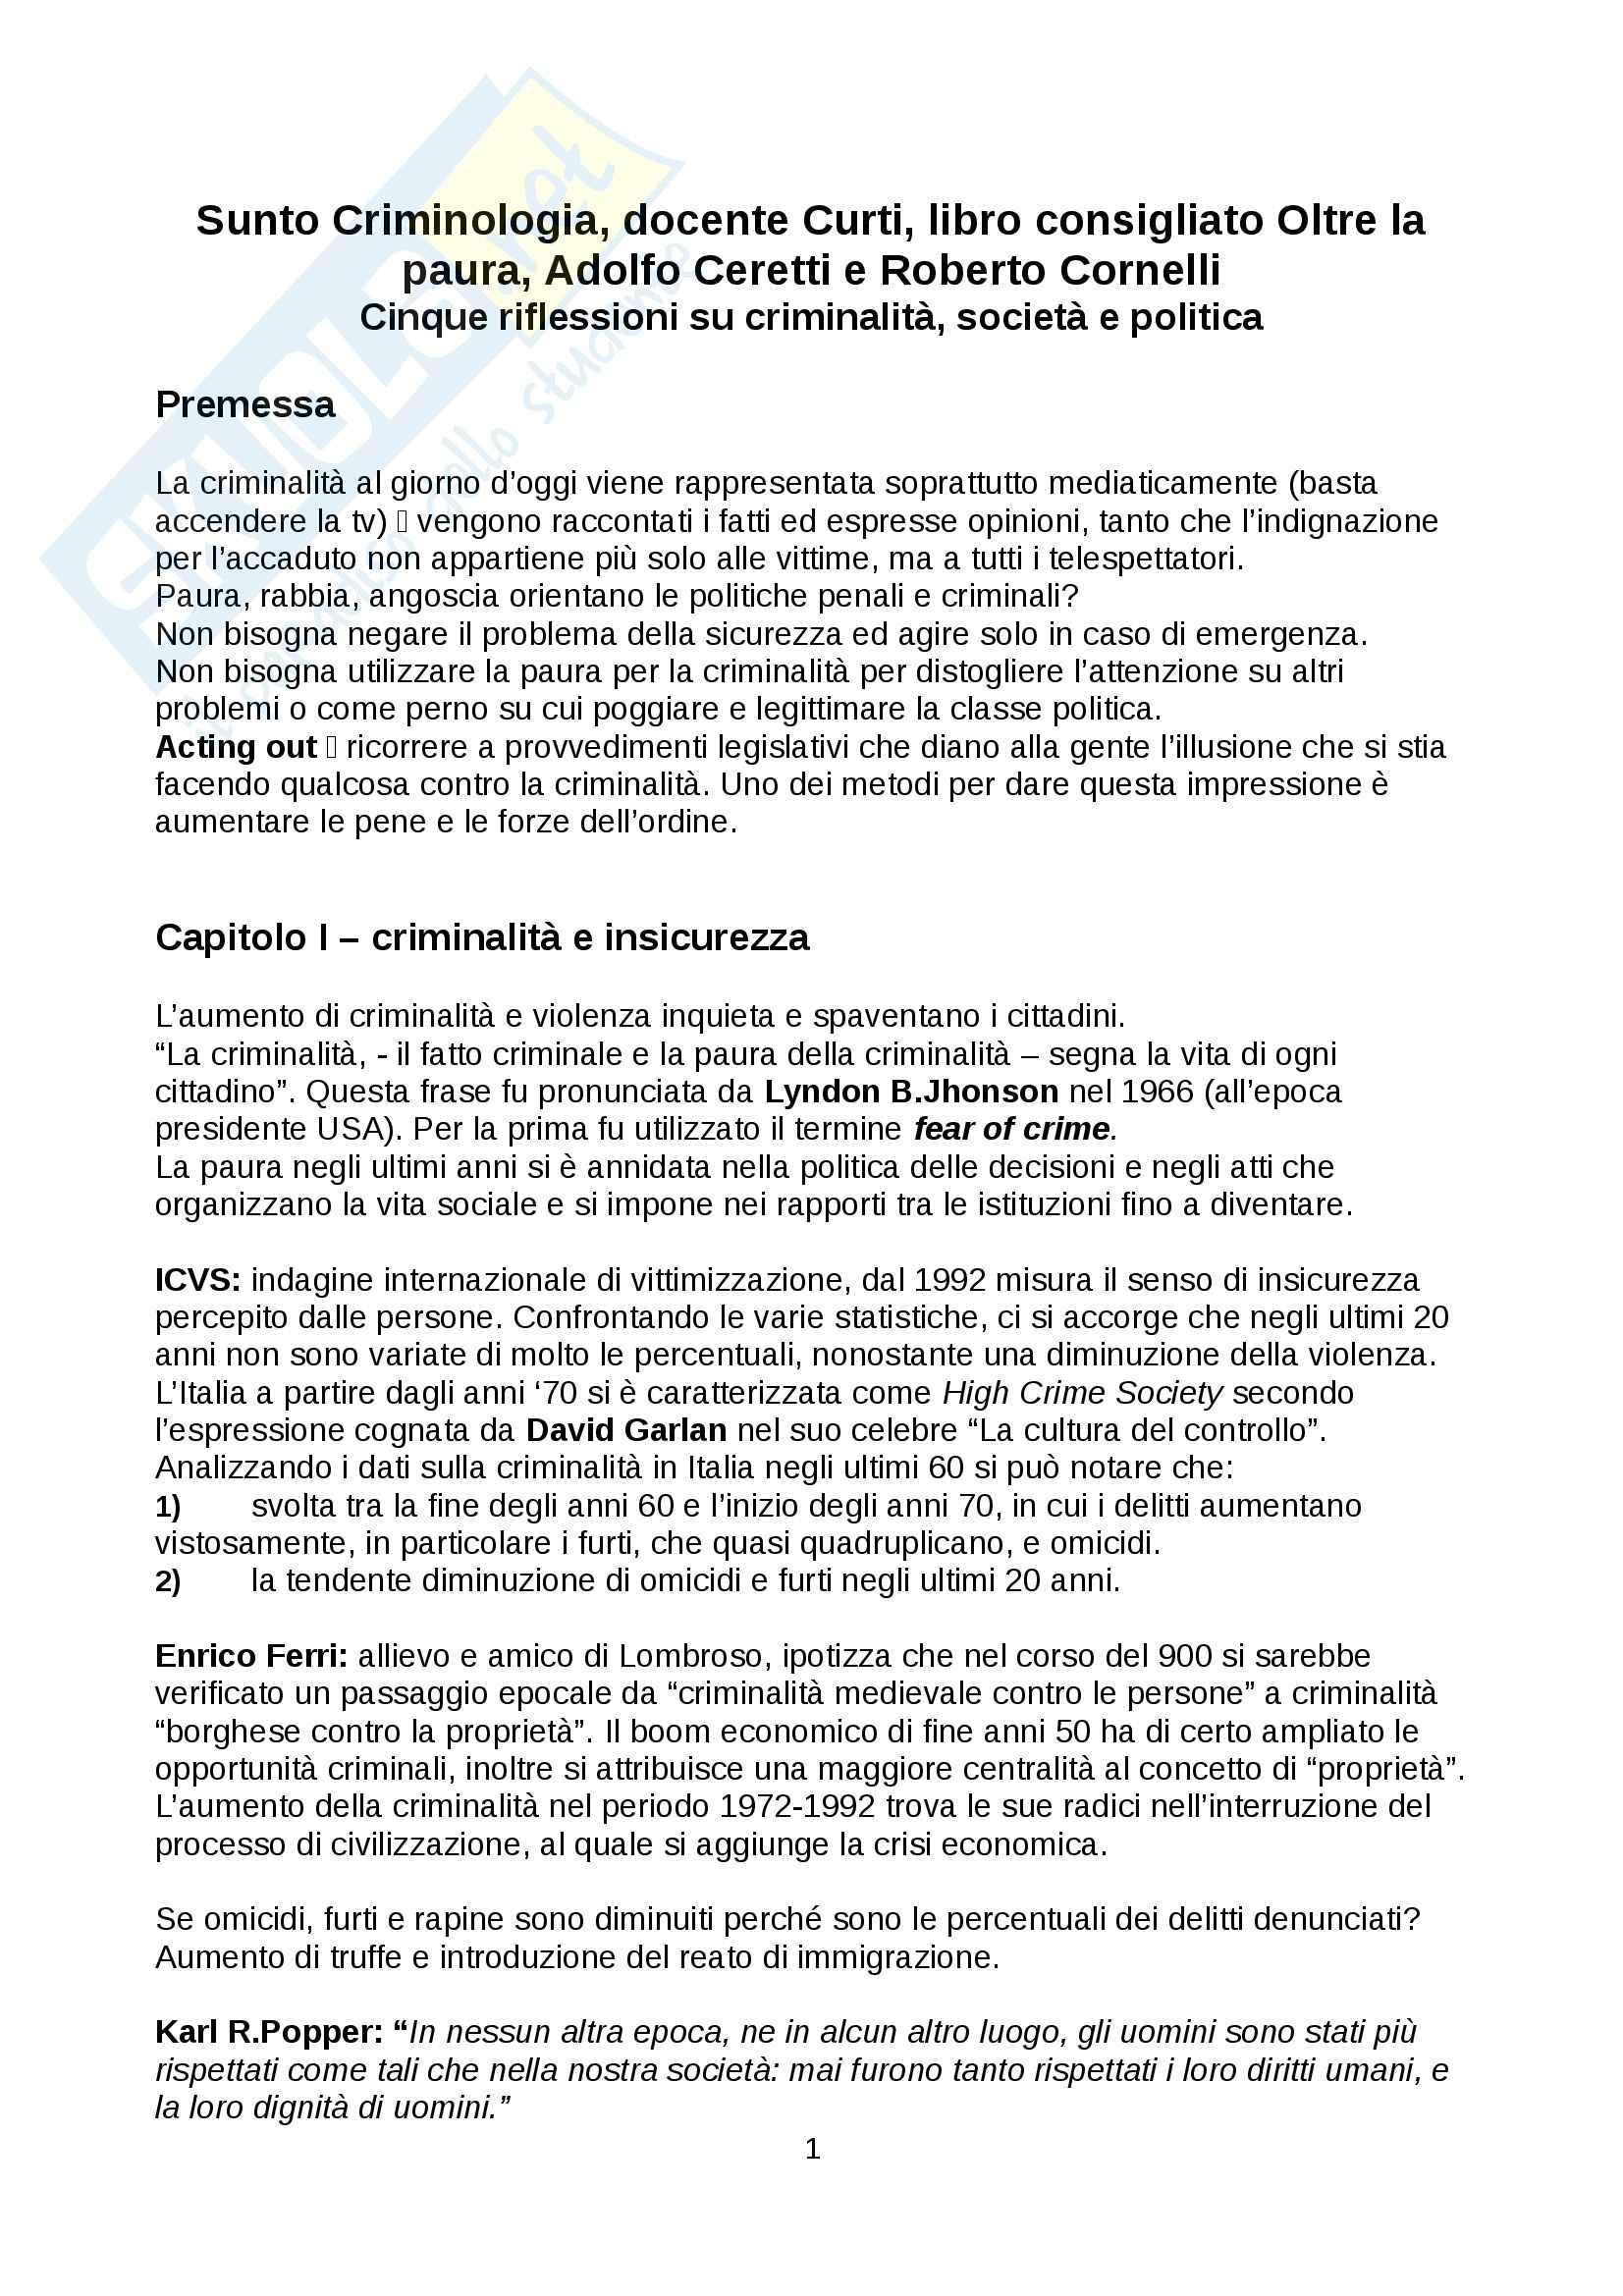 Riassunto esame Criminologia docente Curti libro consigliato Oltre la paura Adolfo Ceretti e Roberto Cornelli